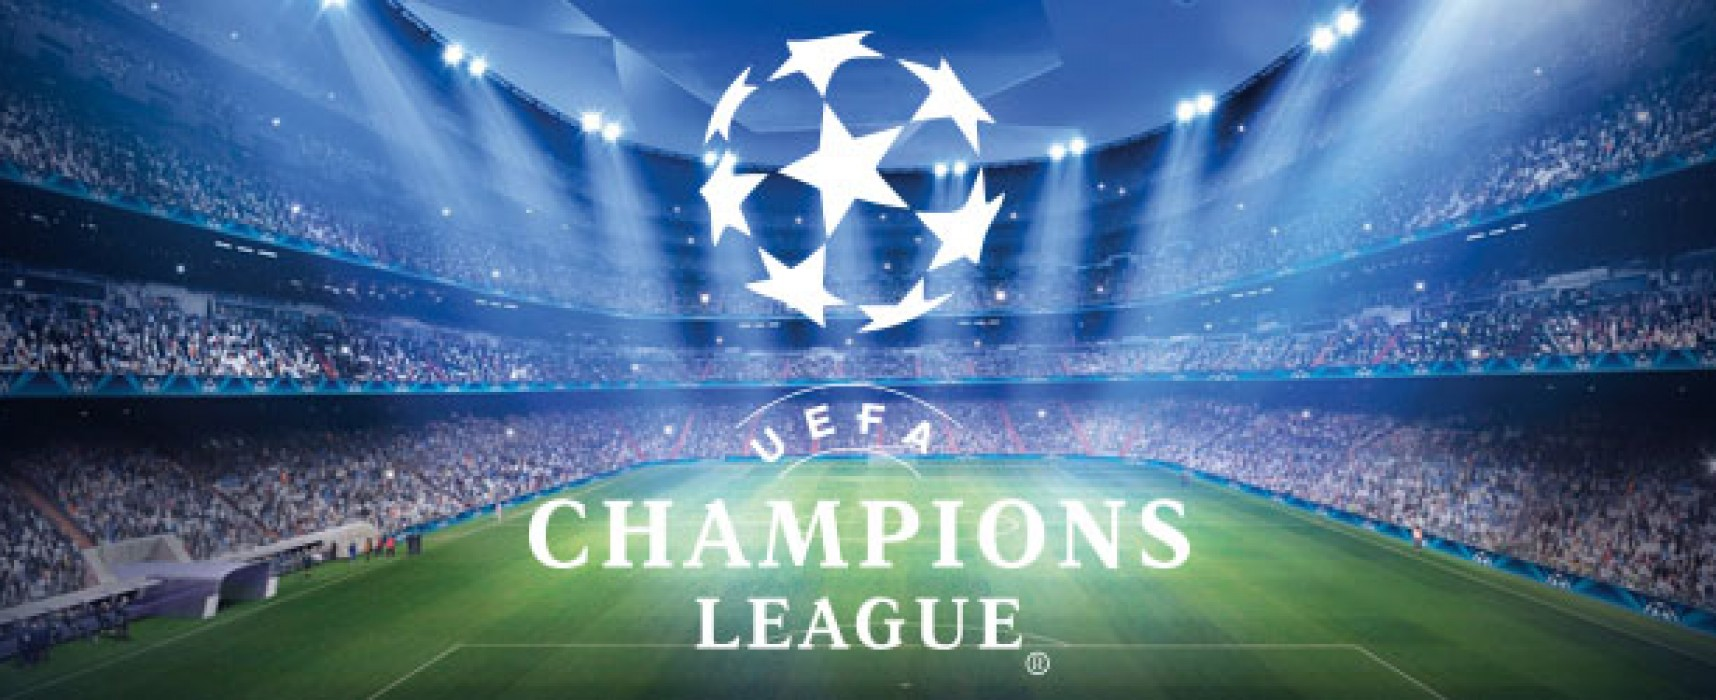 Pronostico Vincente Champions League 2015-2016